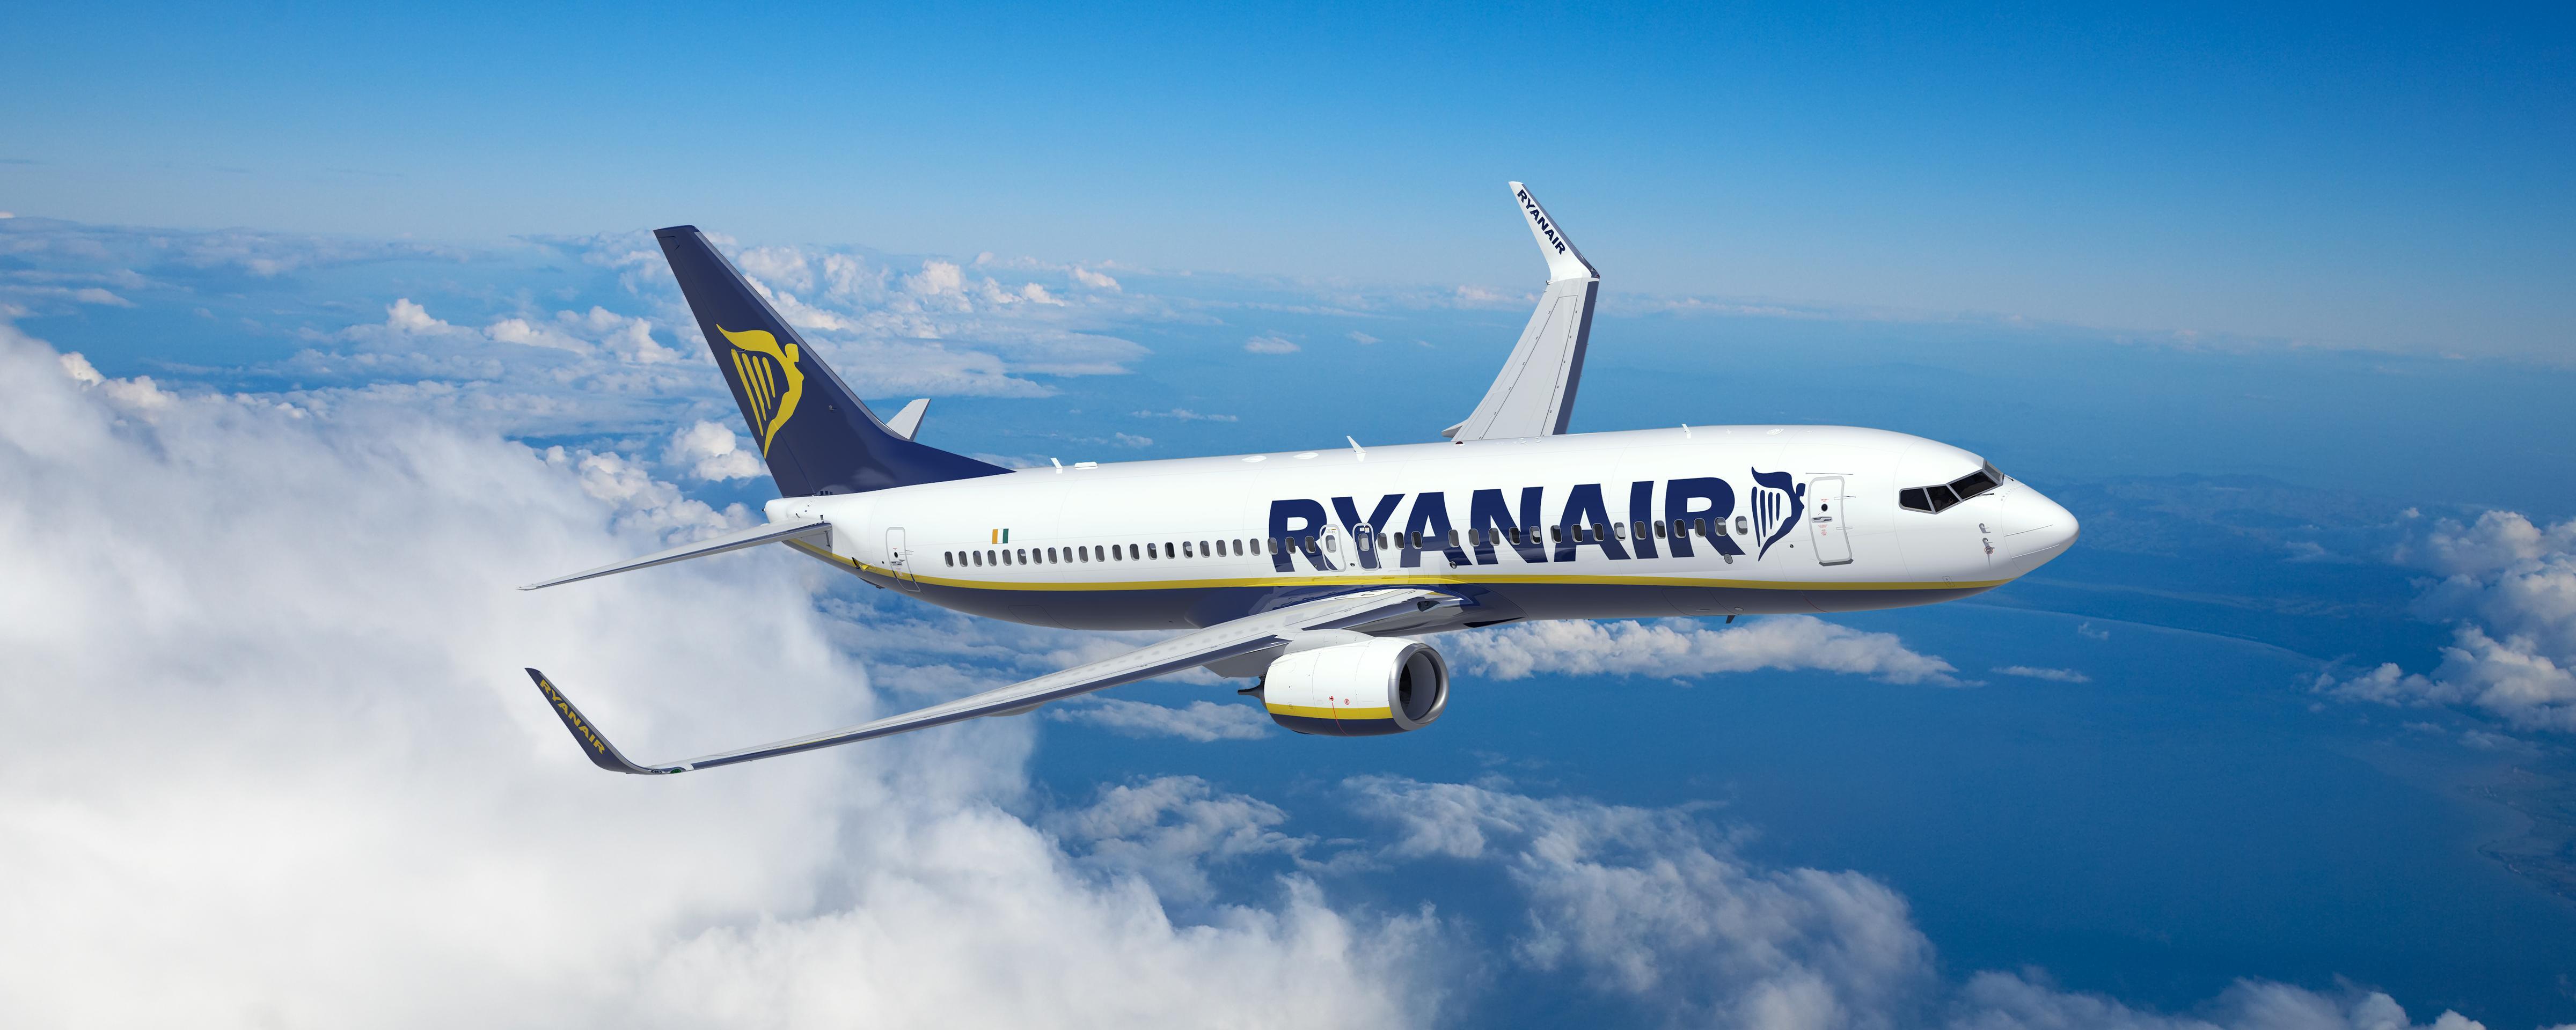 972034aa8 Equipaje de mano para viajar con Ryanair [Actualizado]